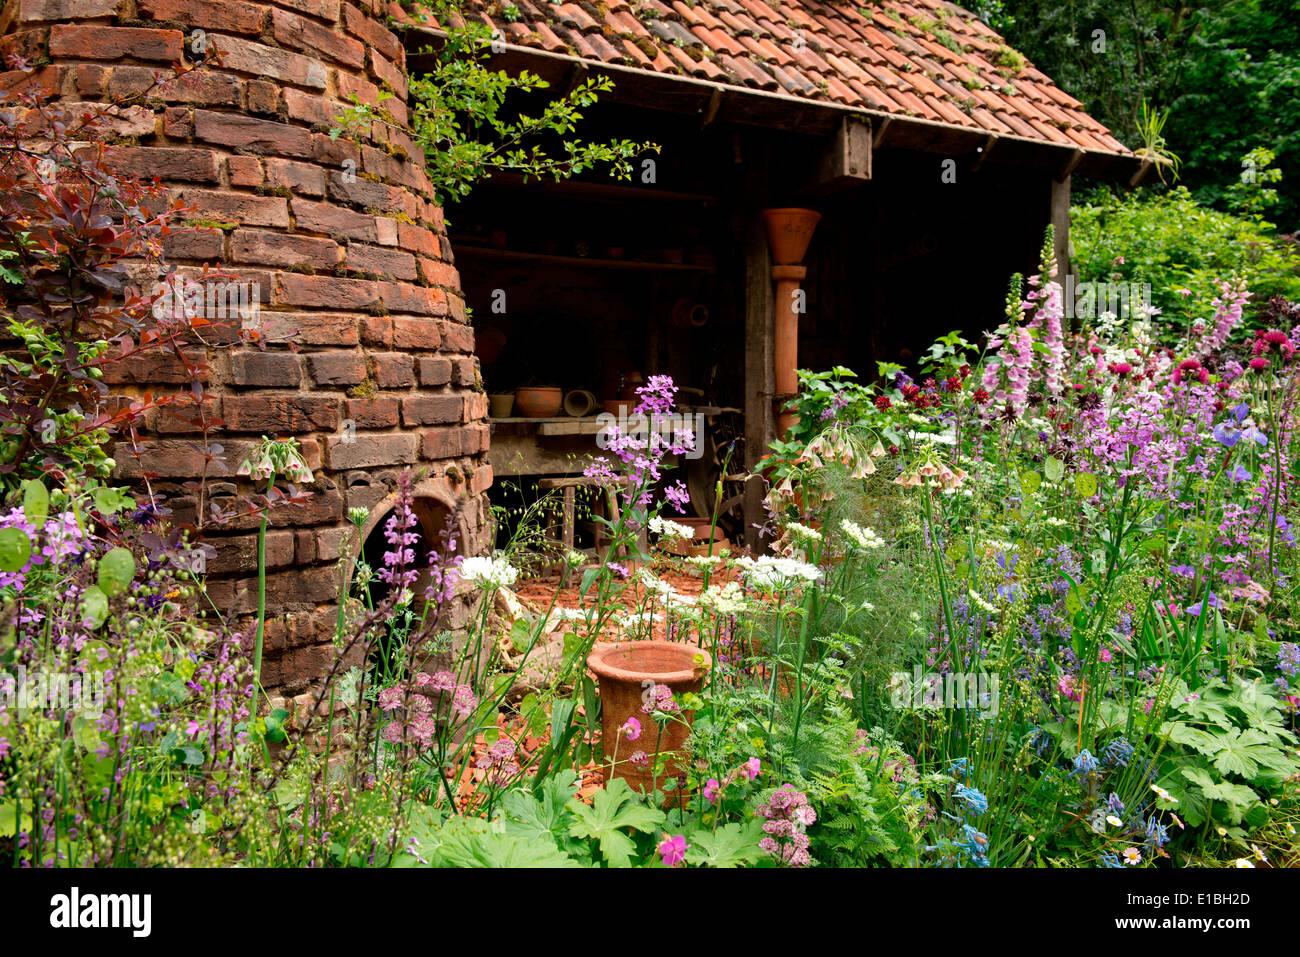 The DialAFlight Potter's Garden, an artisan garden gold medal winner at the Chelsea Flower Show 2014, London, UK - Stock Image